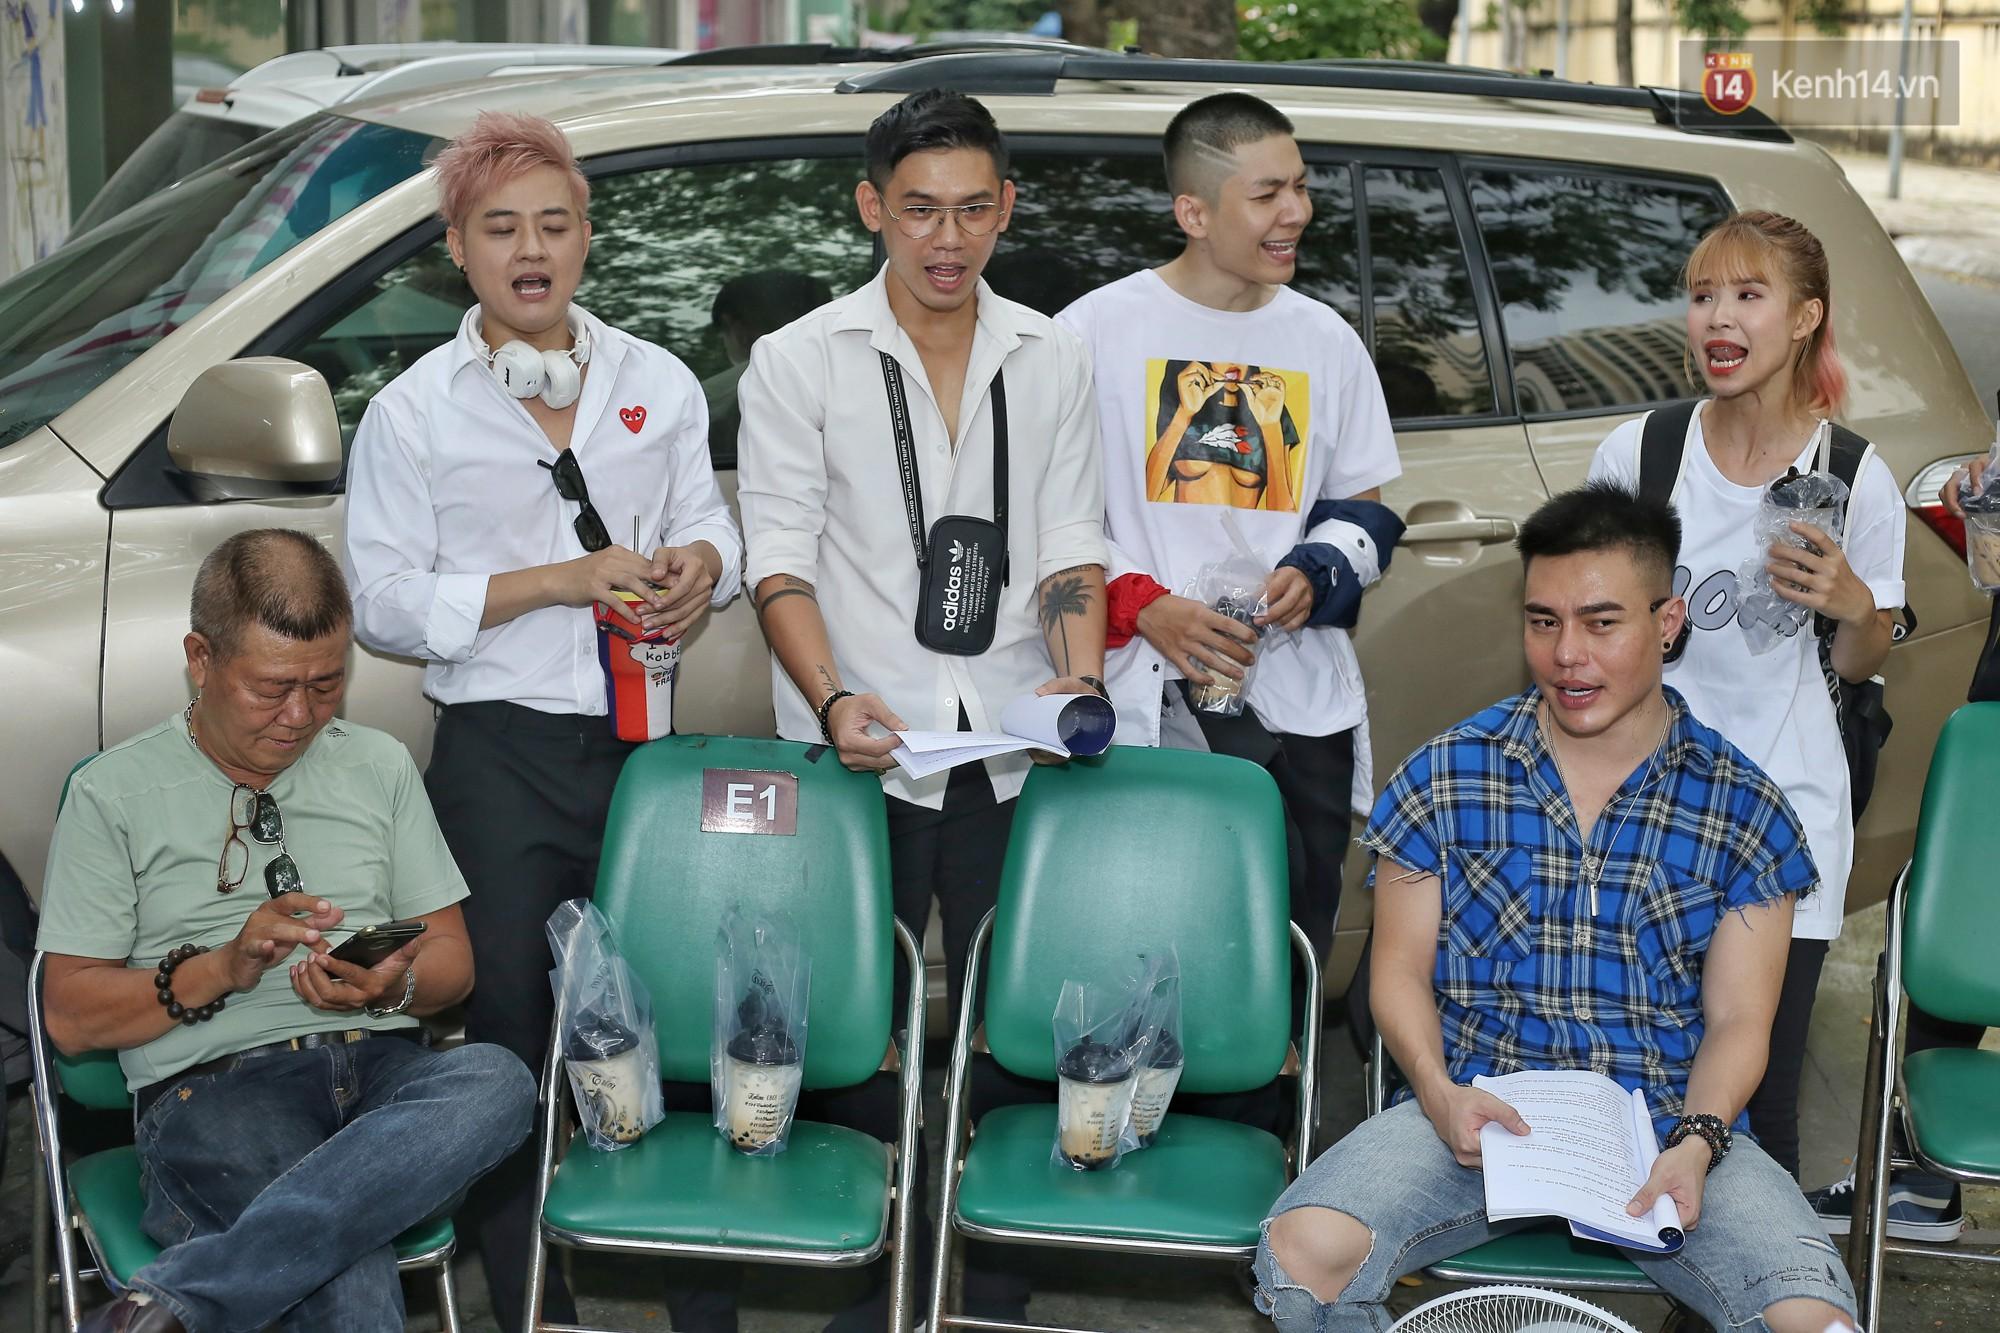 Hoài Lâm chính thức lộ diện sau nửa năm giải nghệ, cùng vợ chồng Khởi My tập luyện trước thềm liveshow Hoài Linh - Ảnh 5.